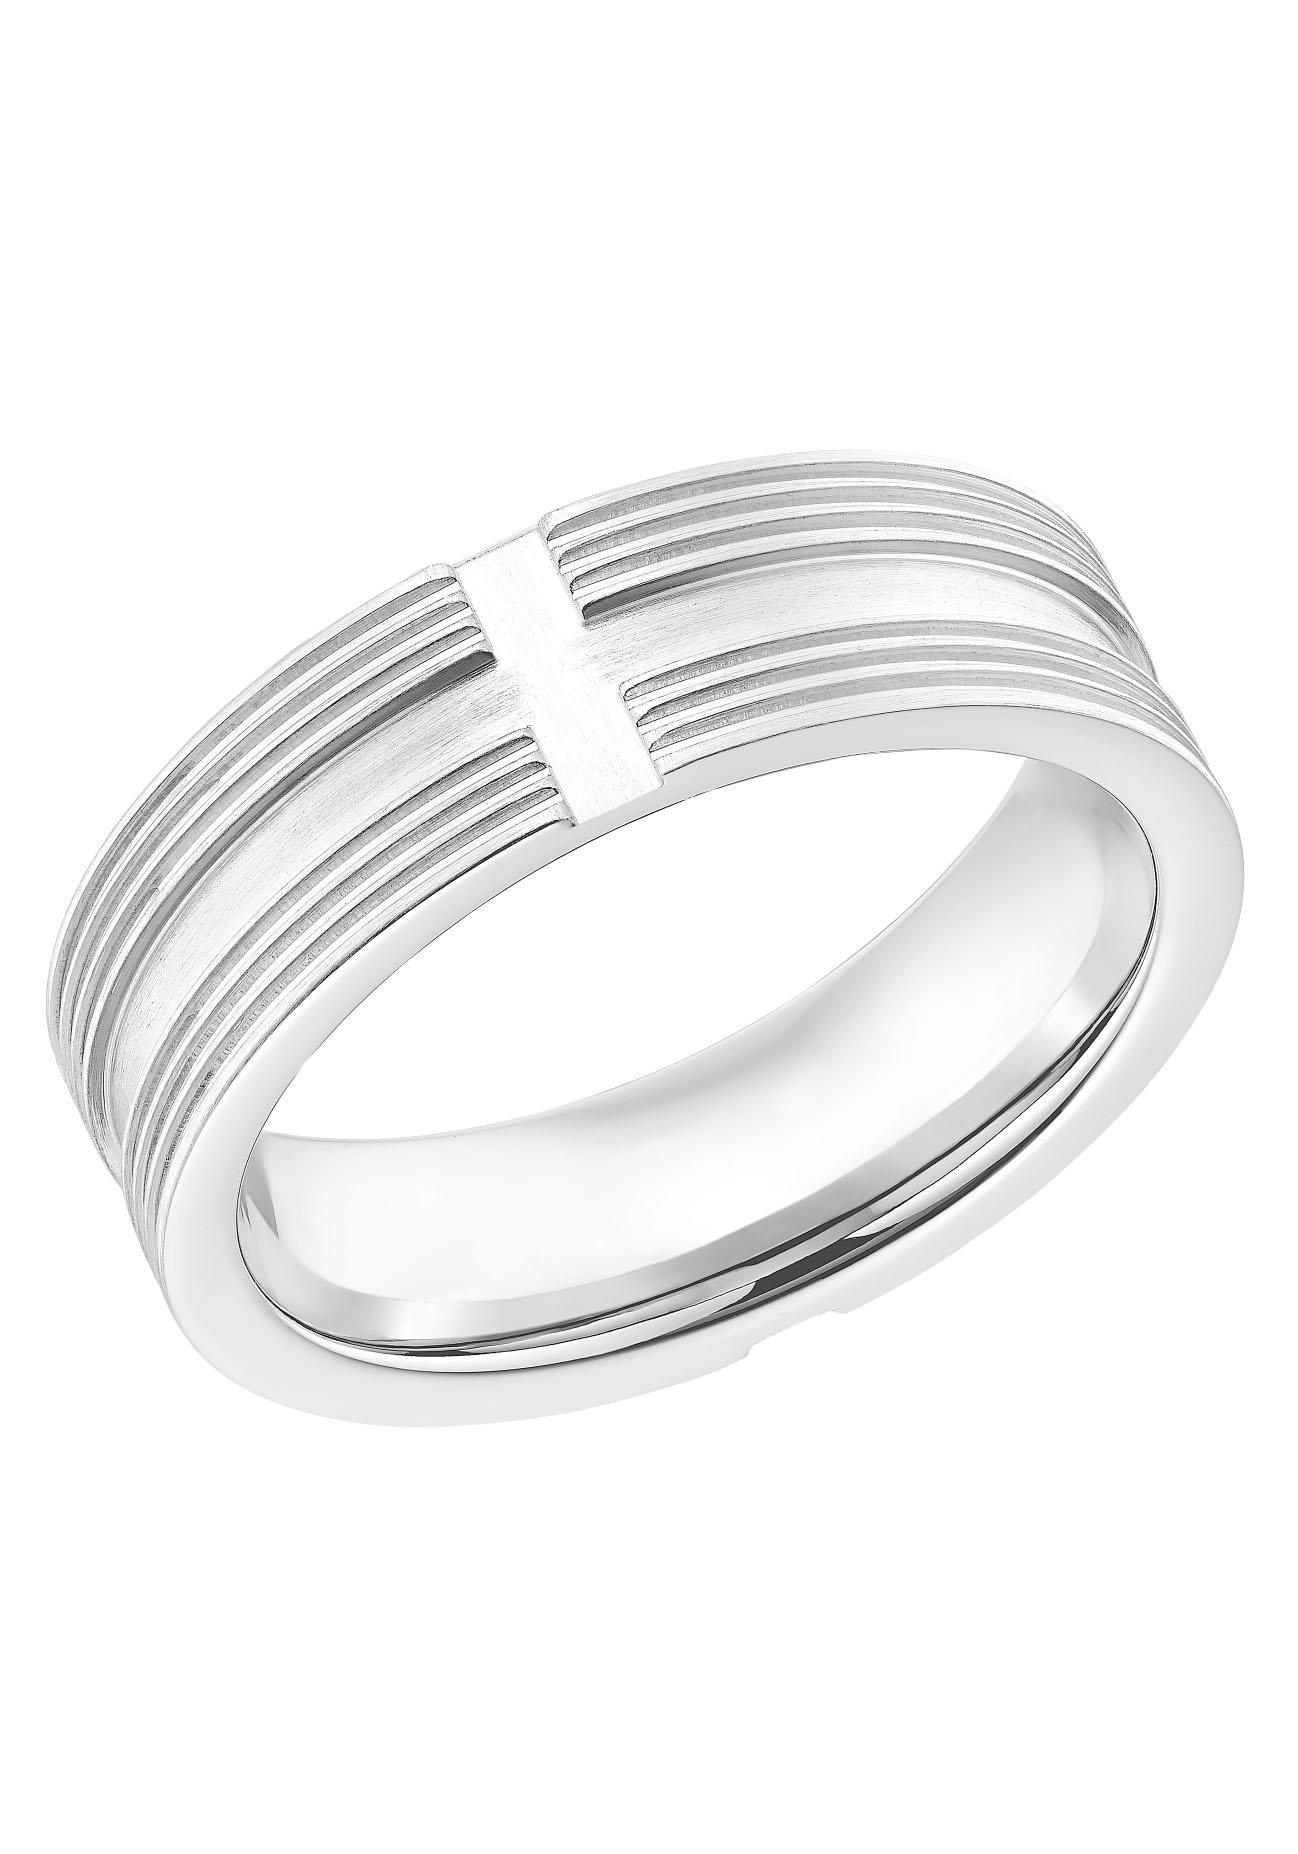 s.Oliver ring Kruis, 2031539 / -41 / -42 / -44 voordelig en veilig online kopen